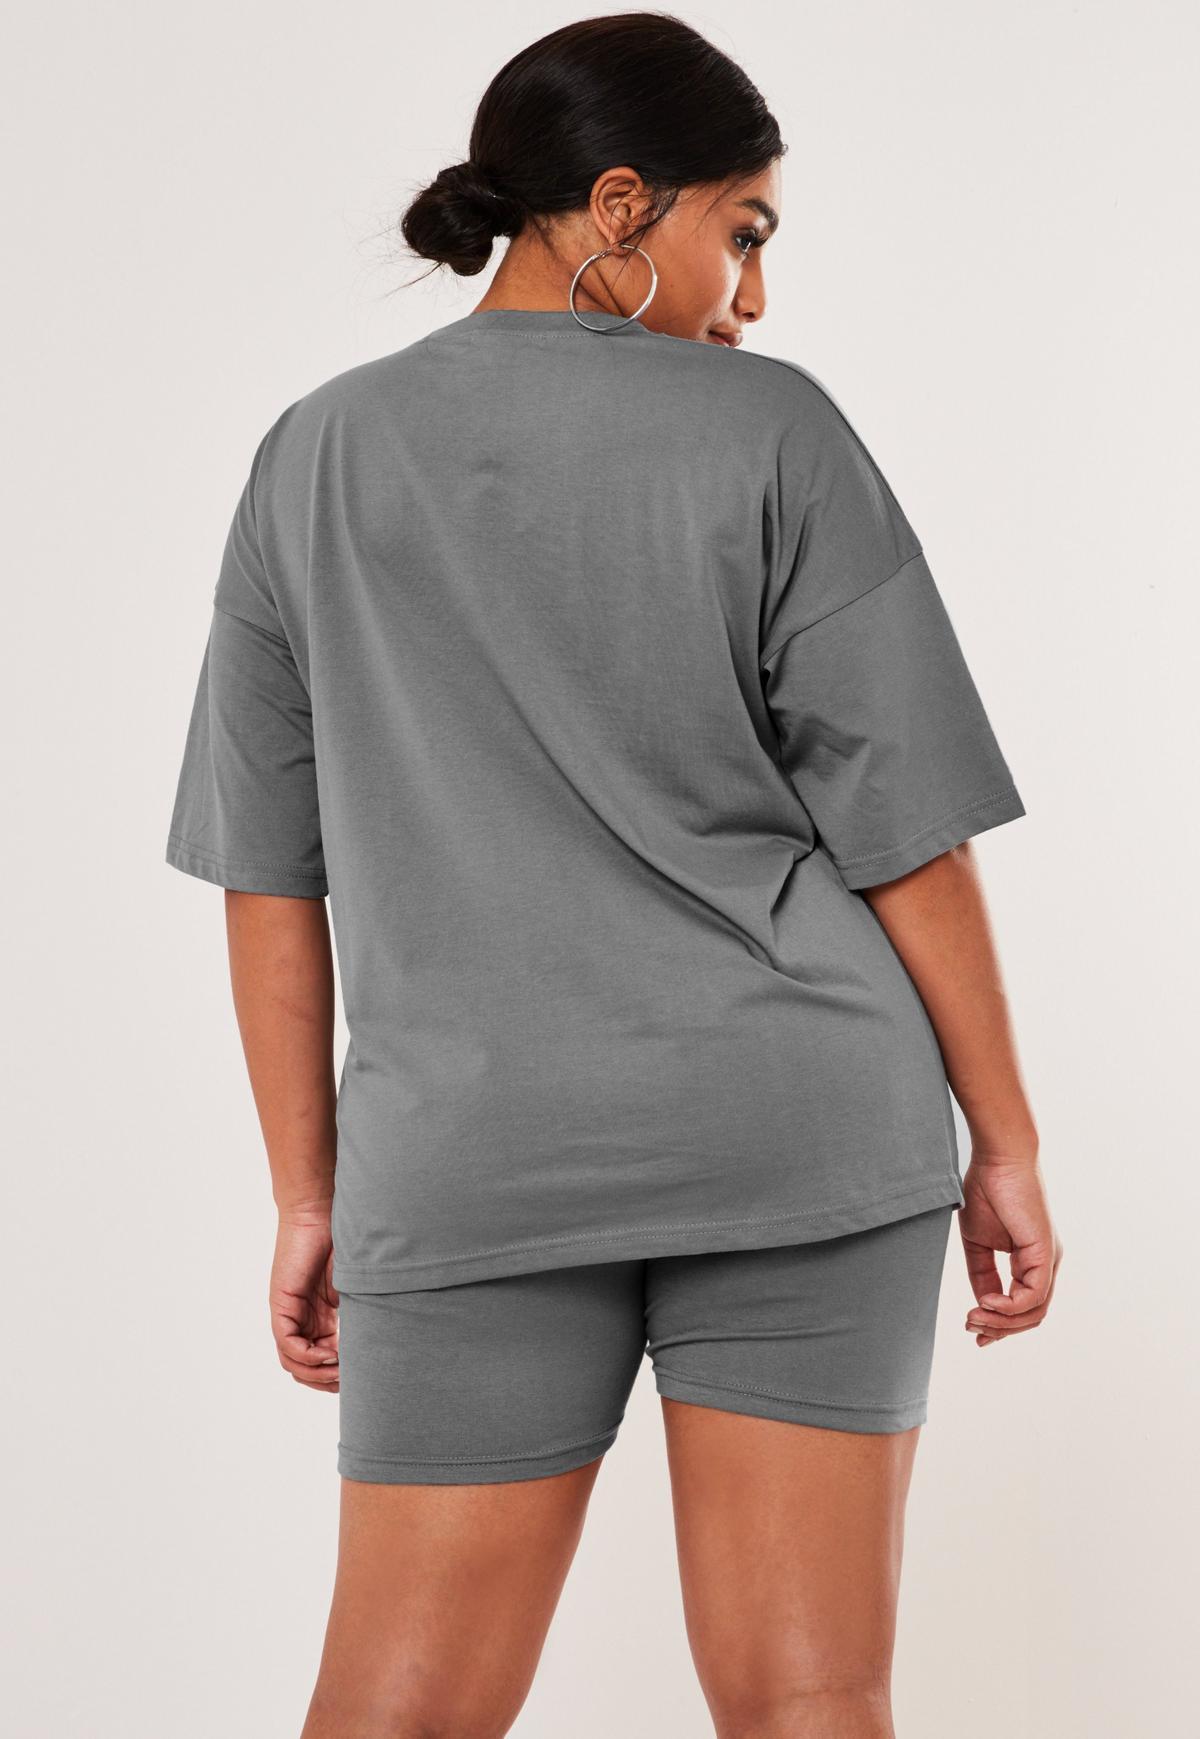 Ensemble gris foncé t shirt oversize et short cycliste grandes tailles